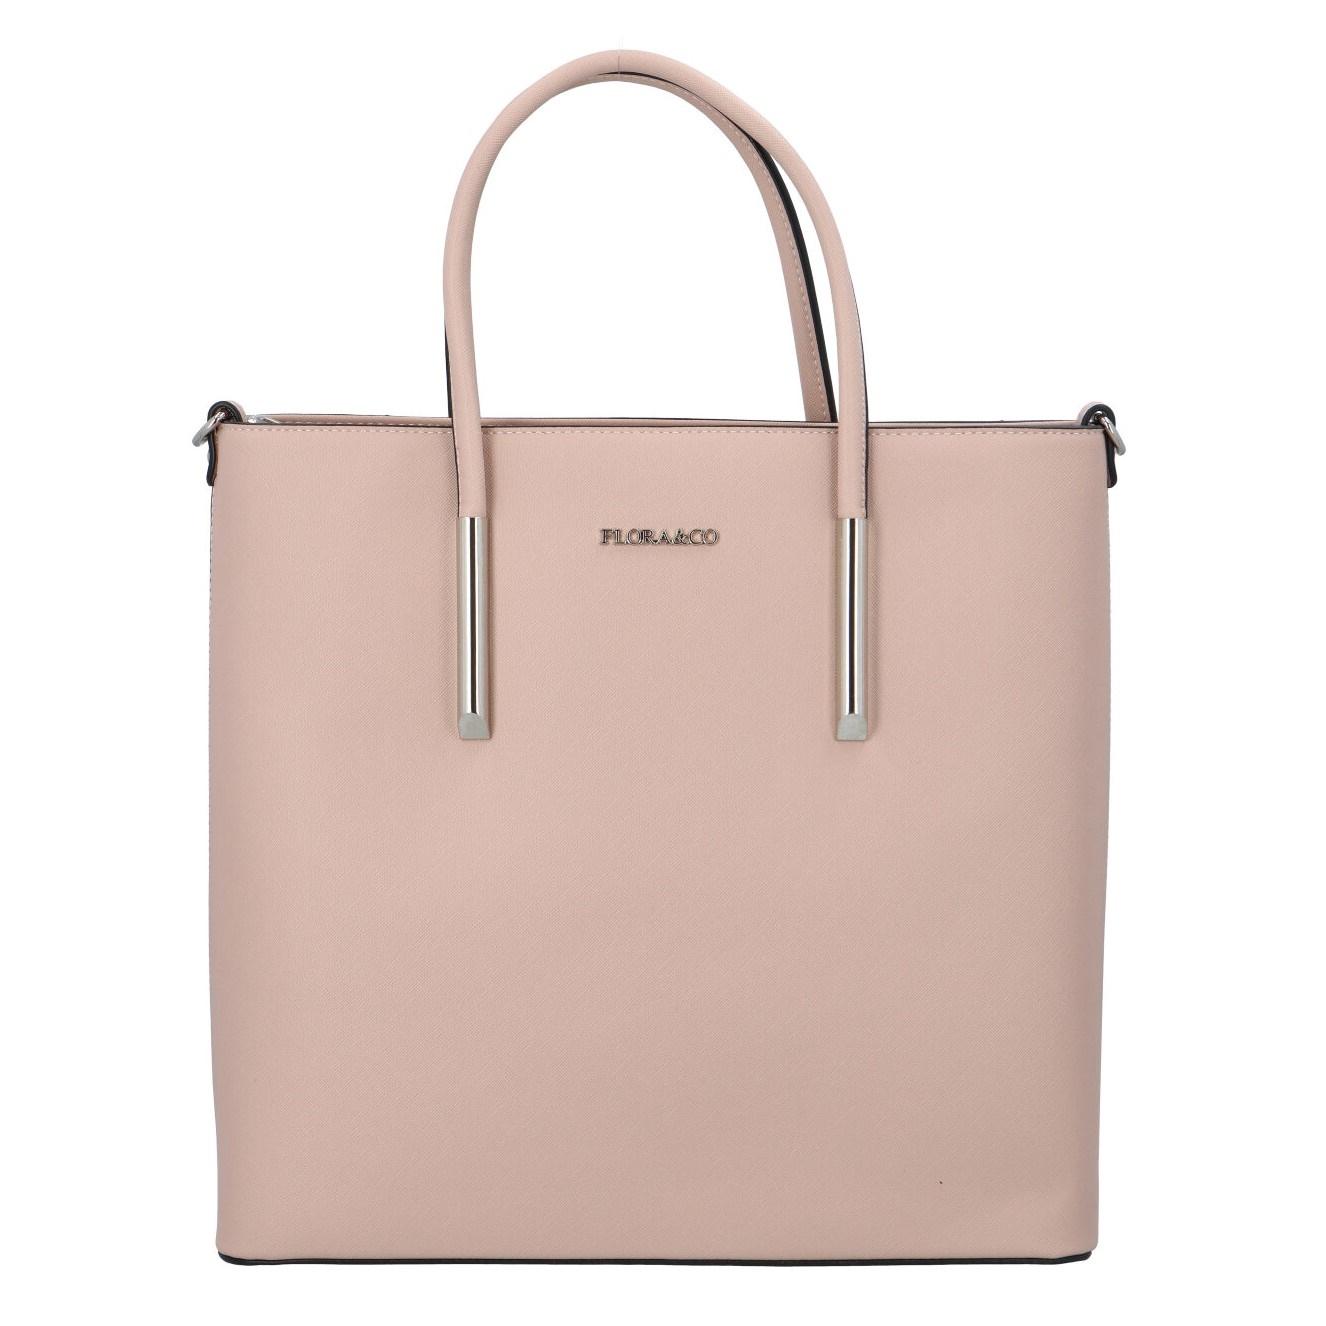 Luxusní dámská kabelka růžová - FLORA&CO Paris